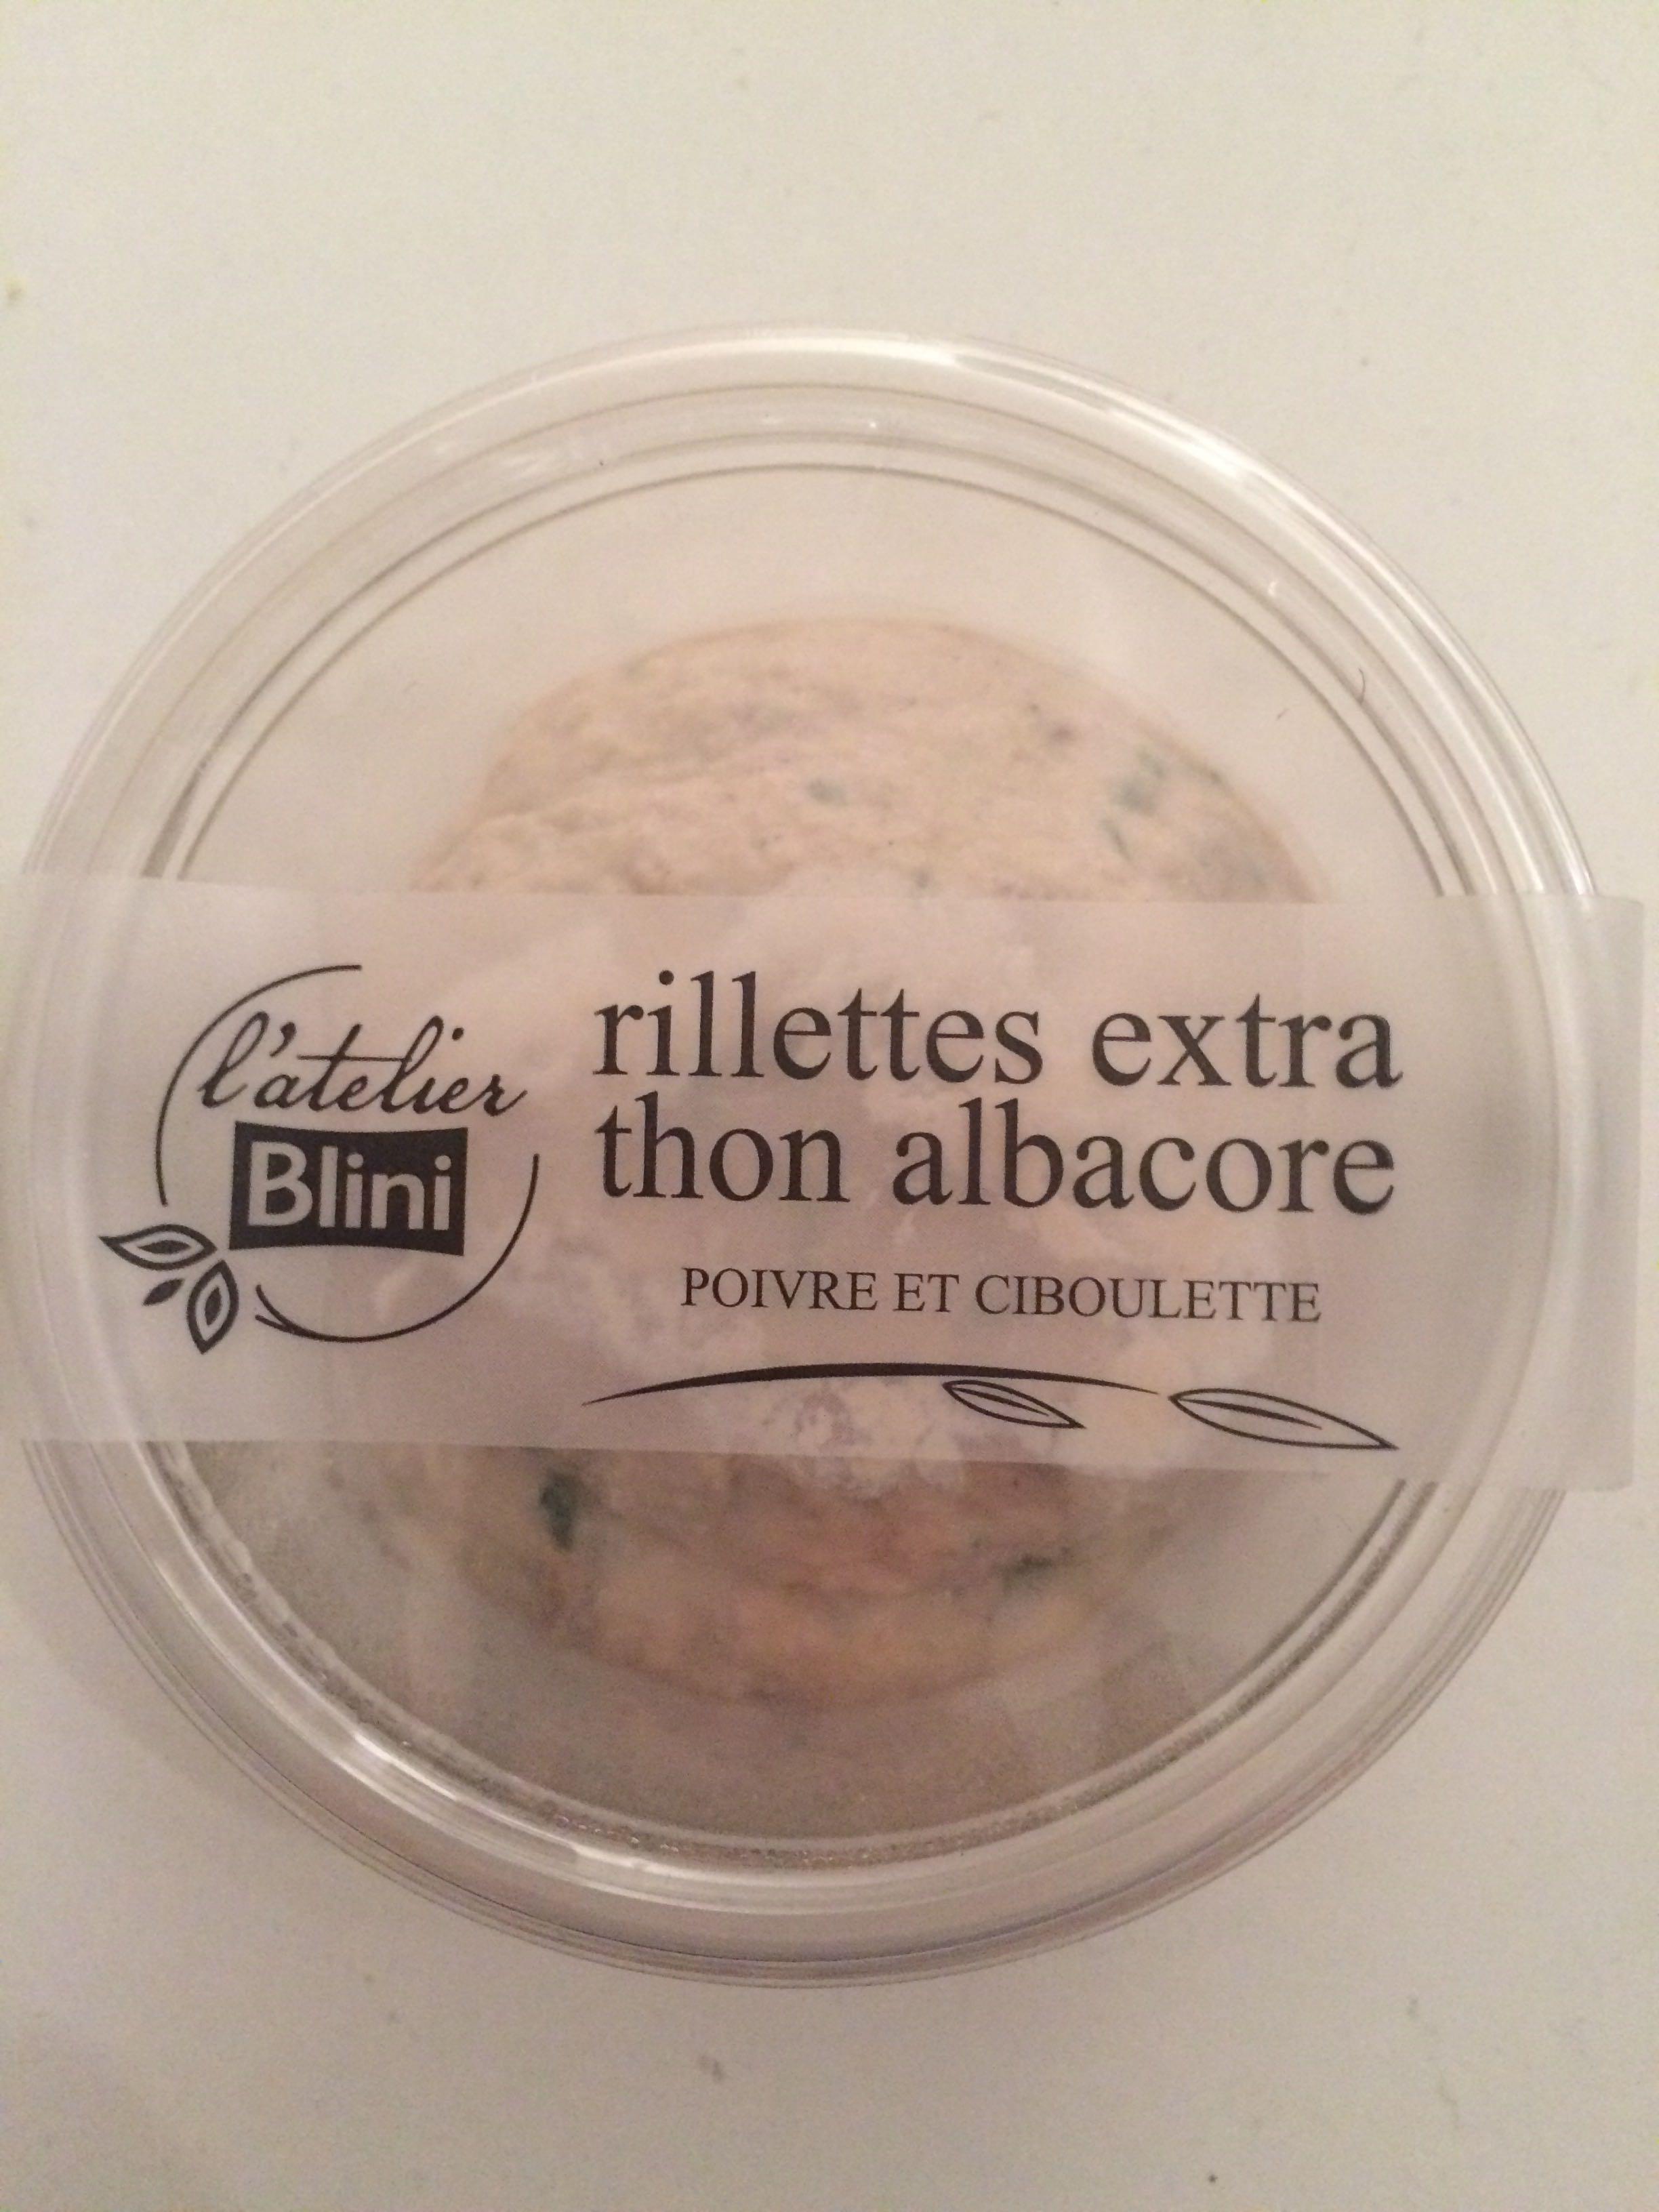 Rillettes extra thon albacore poivre et ciboulette - Produit - fr